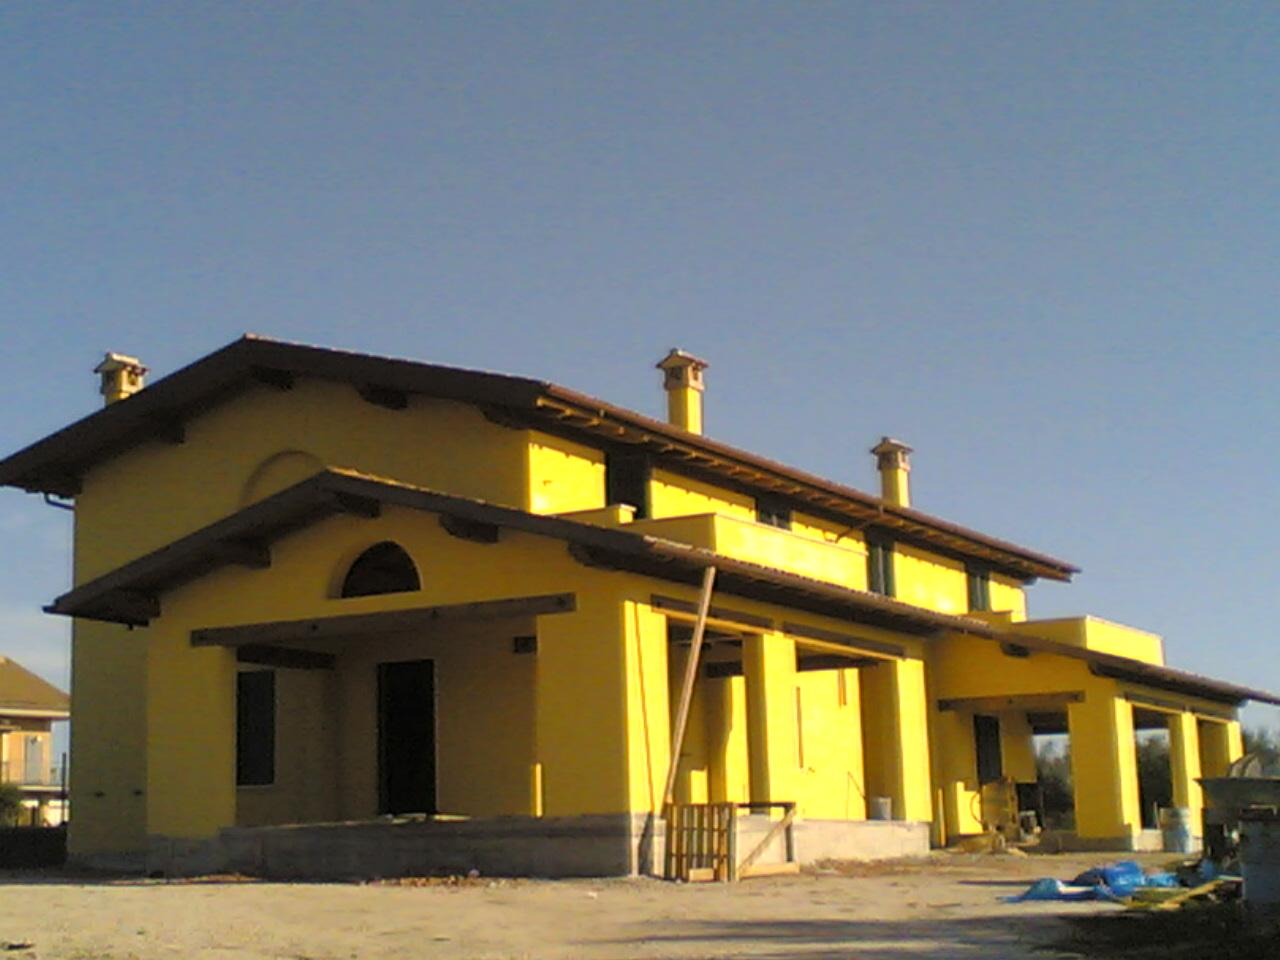 Casa Bifamiliare Con Tetto E Porticati In Legno Lamellare